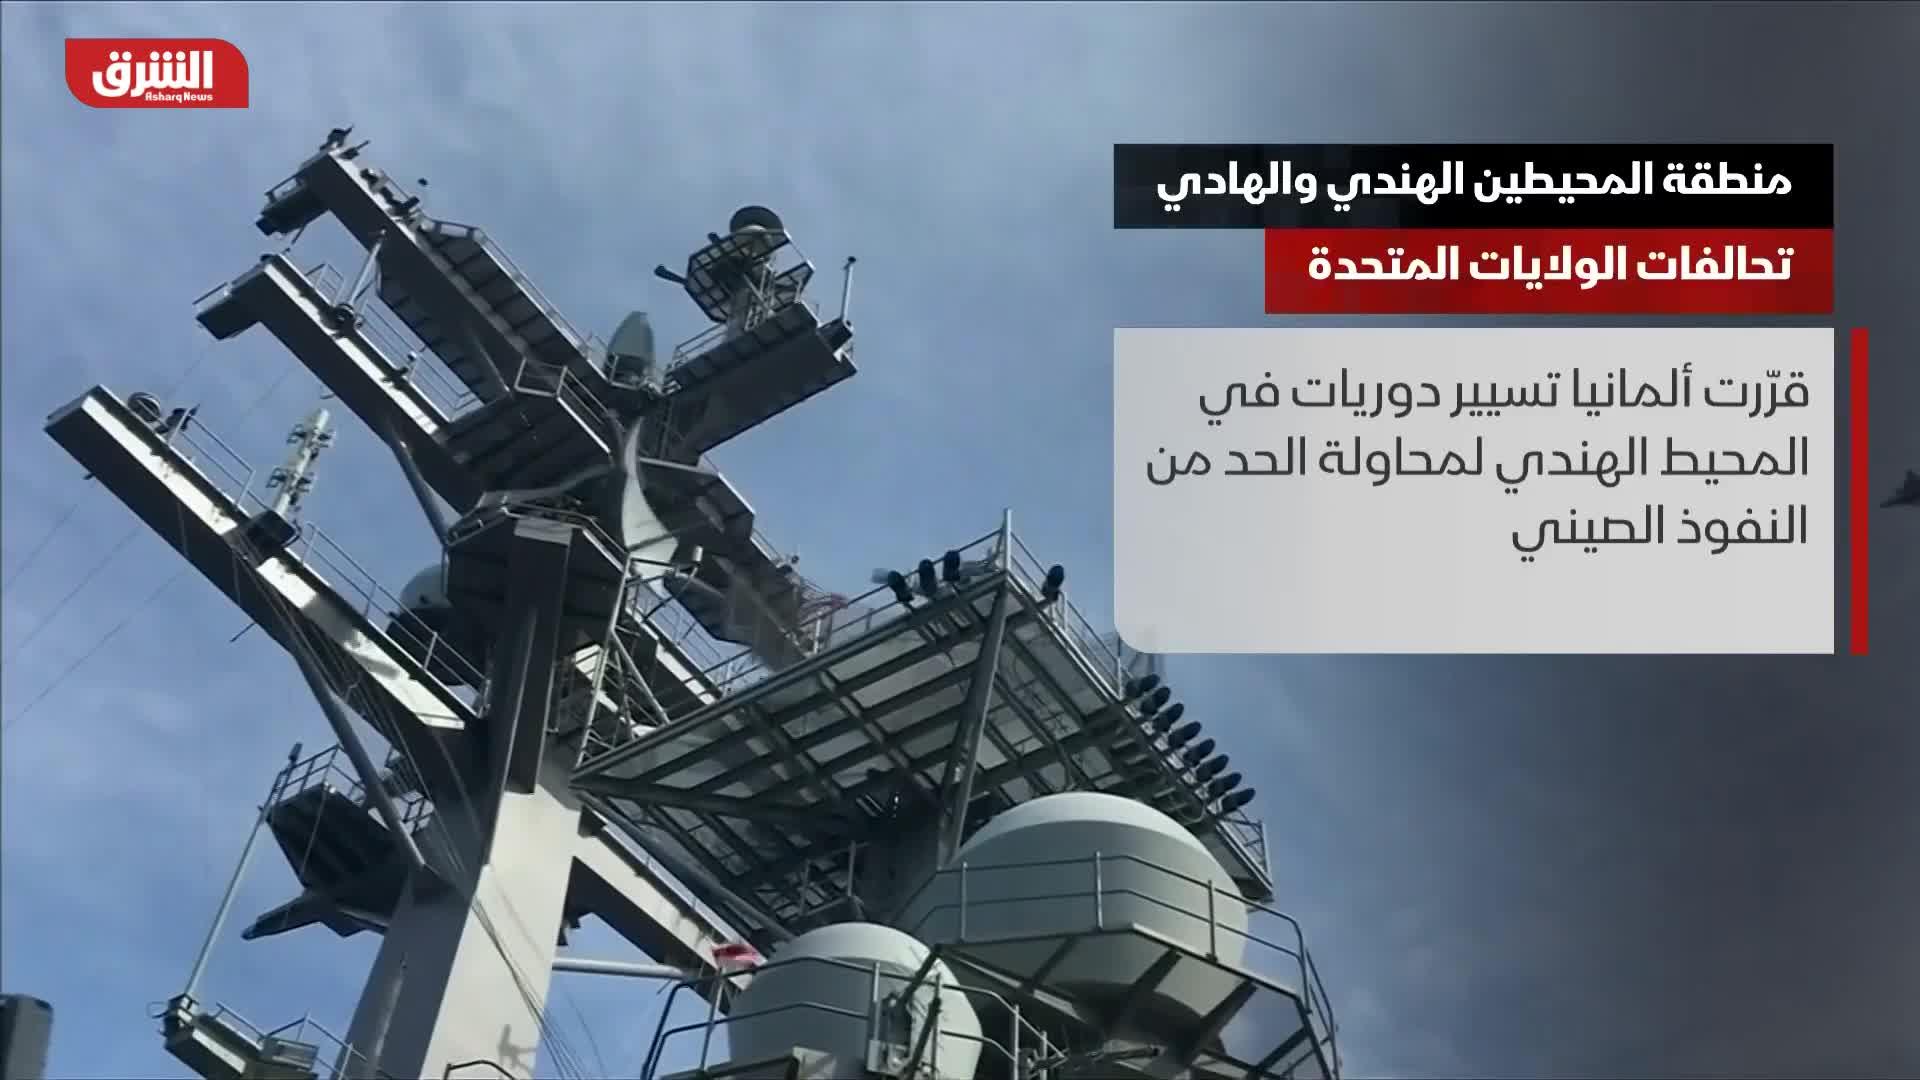 موجز أخبار الشرق 24-9-2021